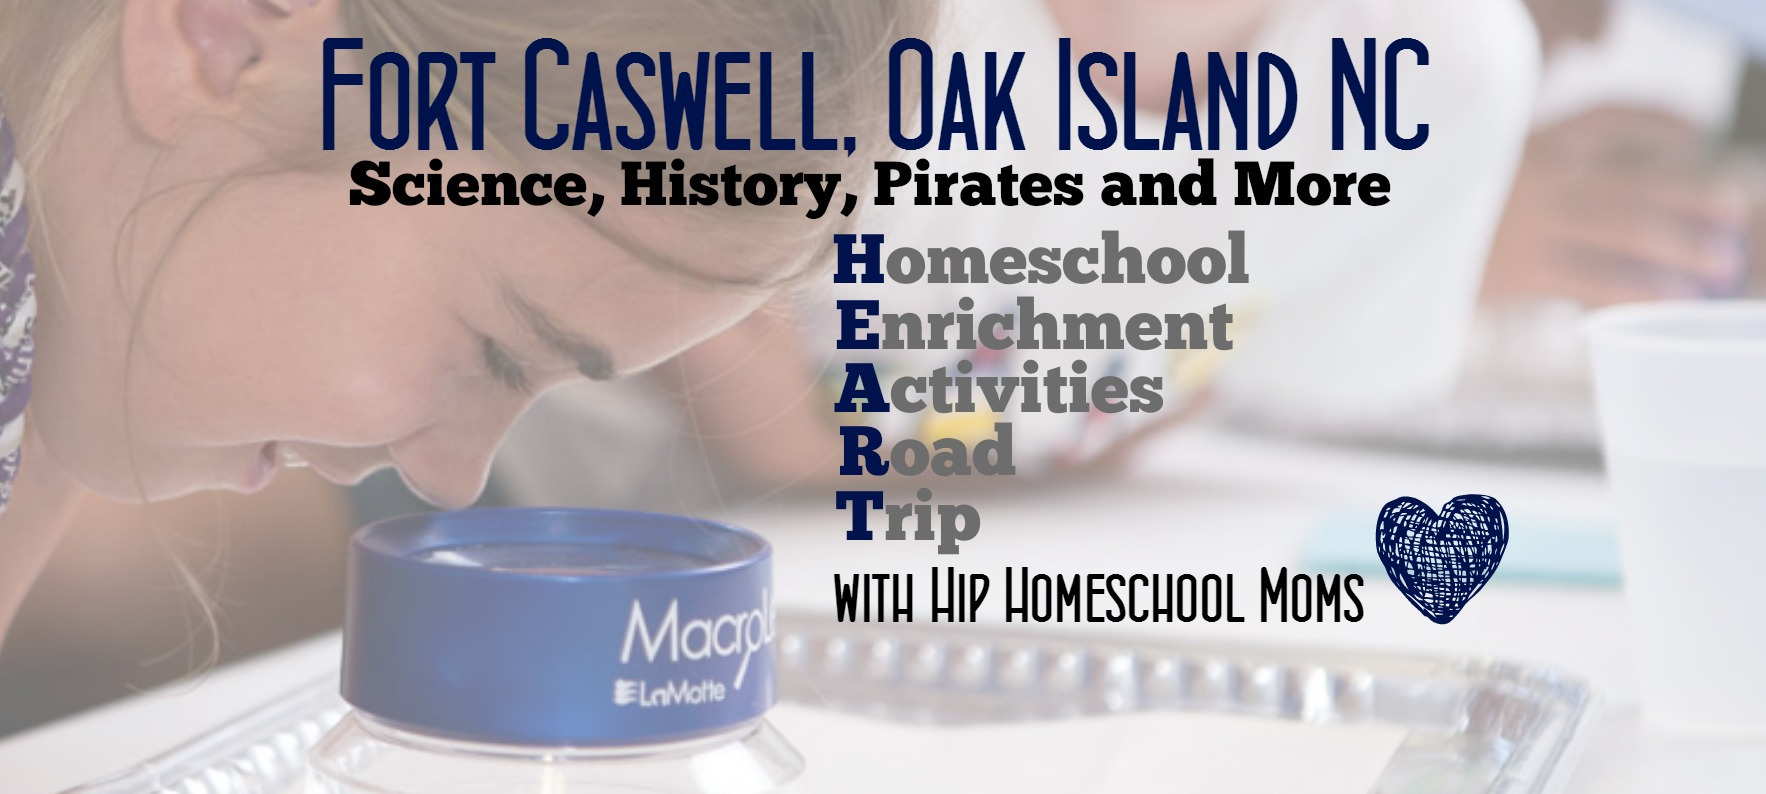 fort caswell oak island nc 3